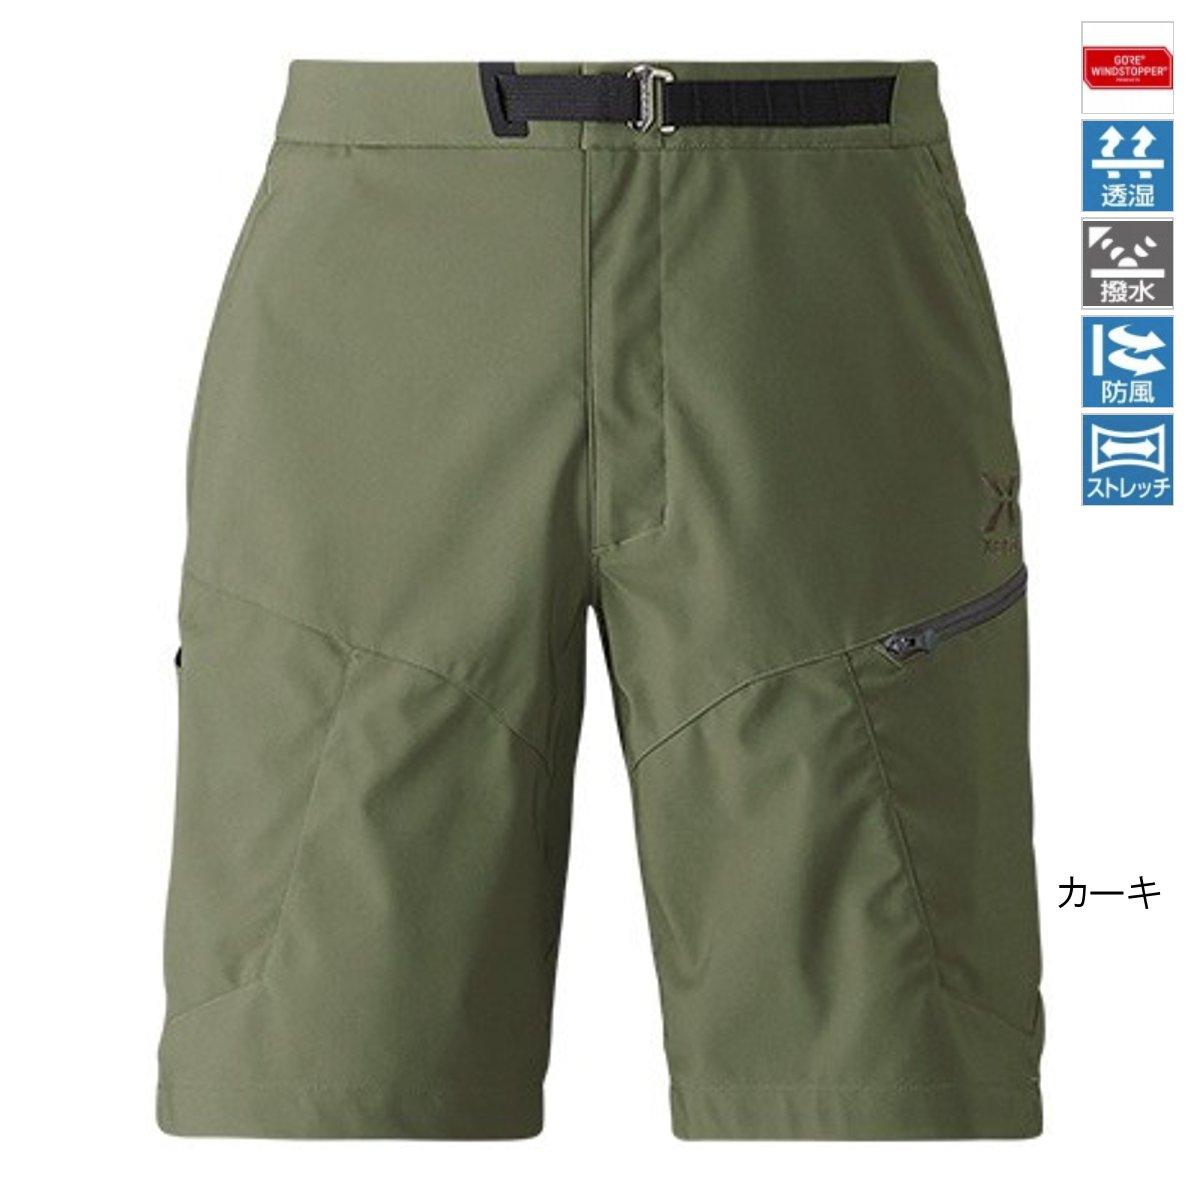 シマノ XEFO GORE WINDSTOPPER ショーツ PA-242R L カーキ(東日本店)